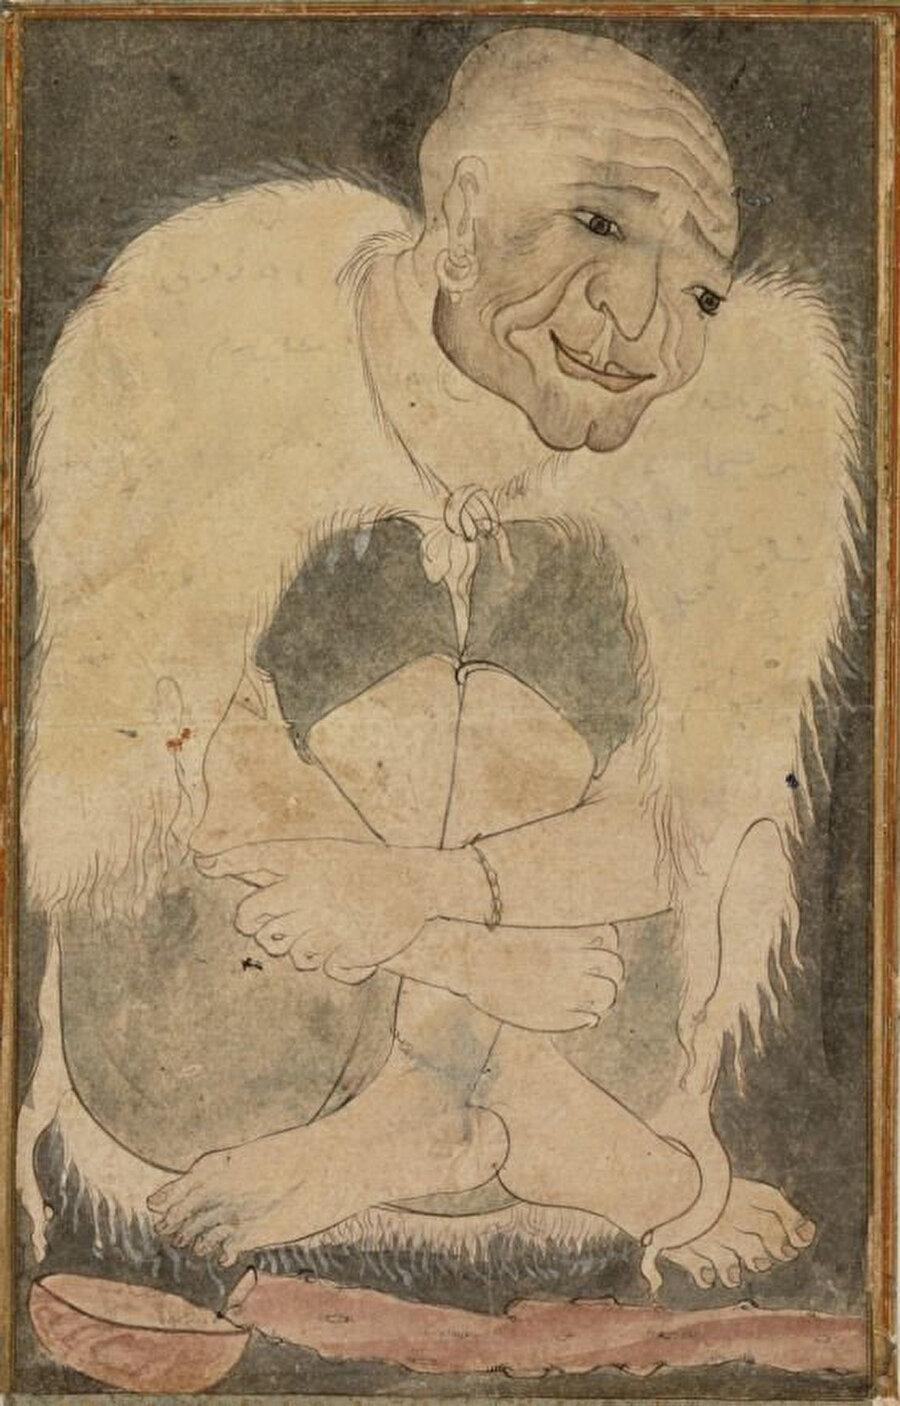 15. yüzyılda Timuri'nin tasvirinde Kalenderî dervişin sakalsız, saçları ve bıyıkları tıraş edilmiş, kaşlarının ise olduğu gibi dokunulmadan kaldığı görülüyor.